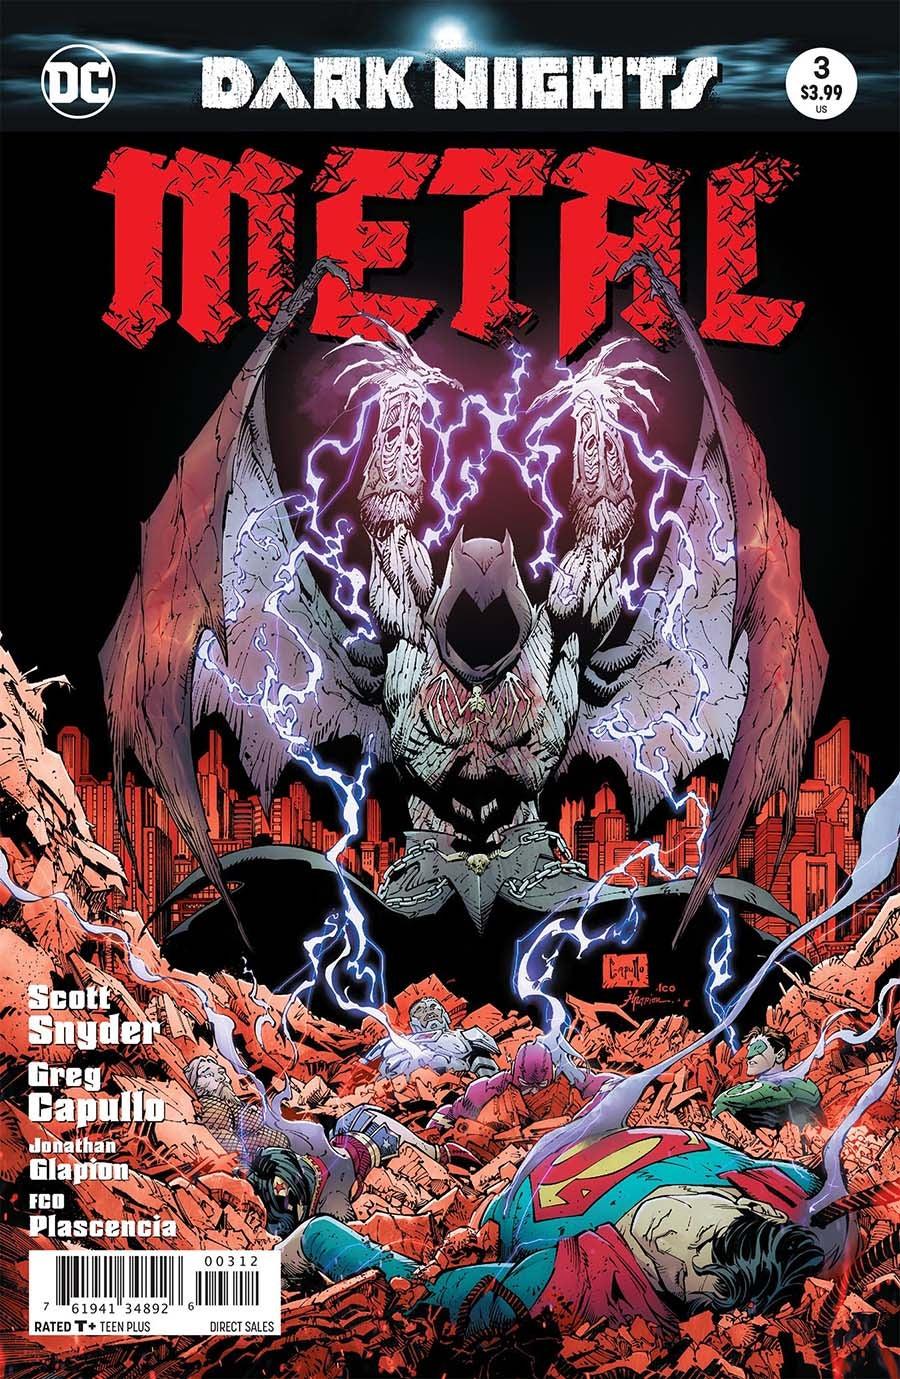 Dark Nights: Metal (2017) Issue 3